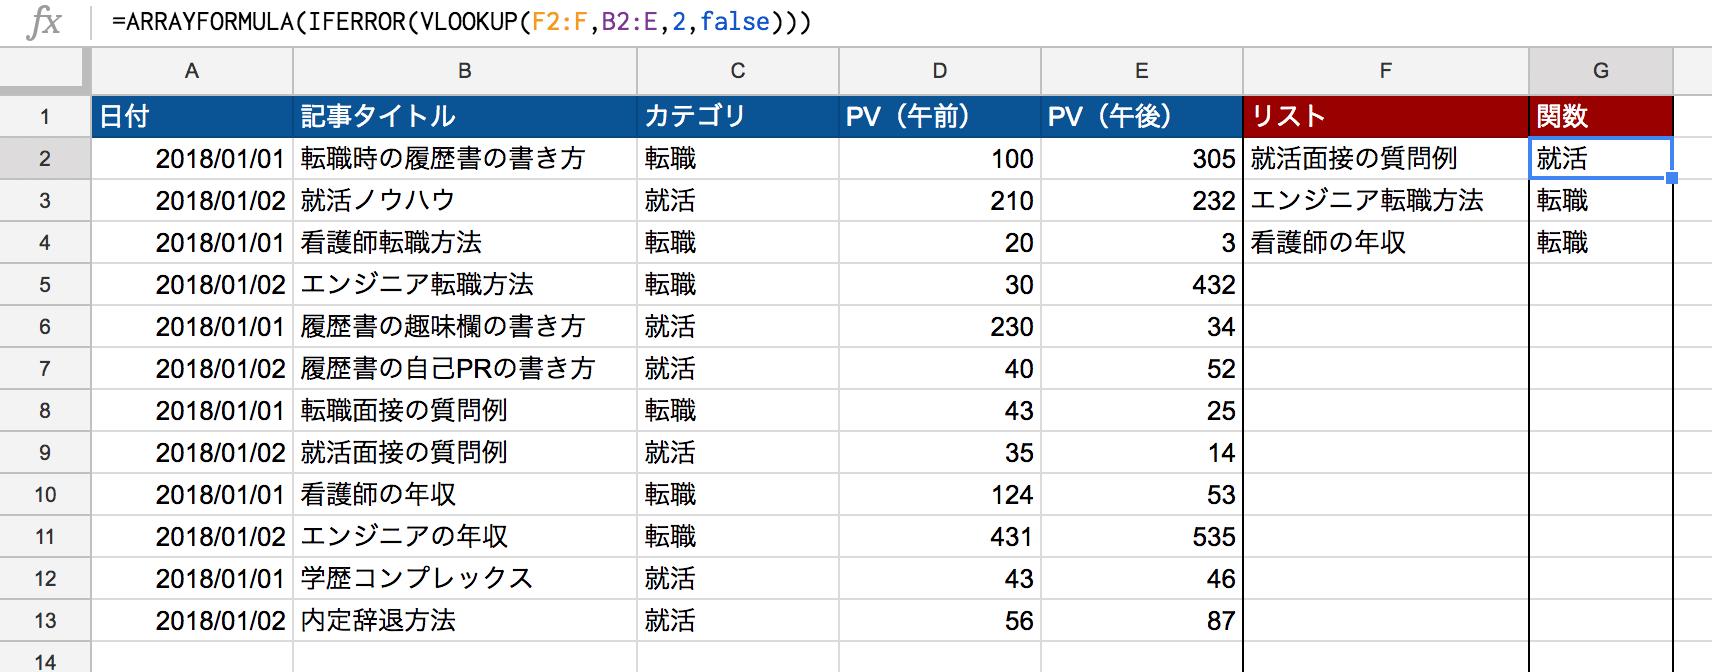 関数 if スプレッド シート